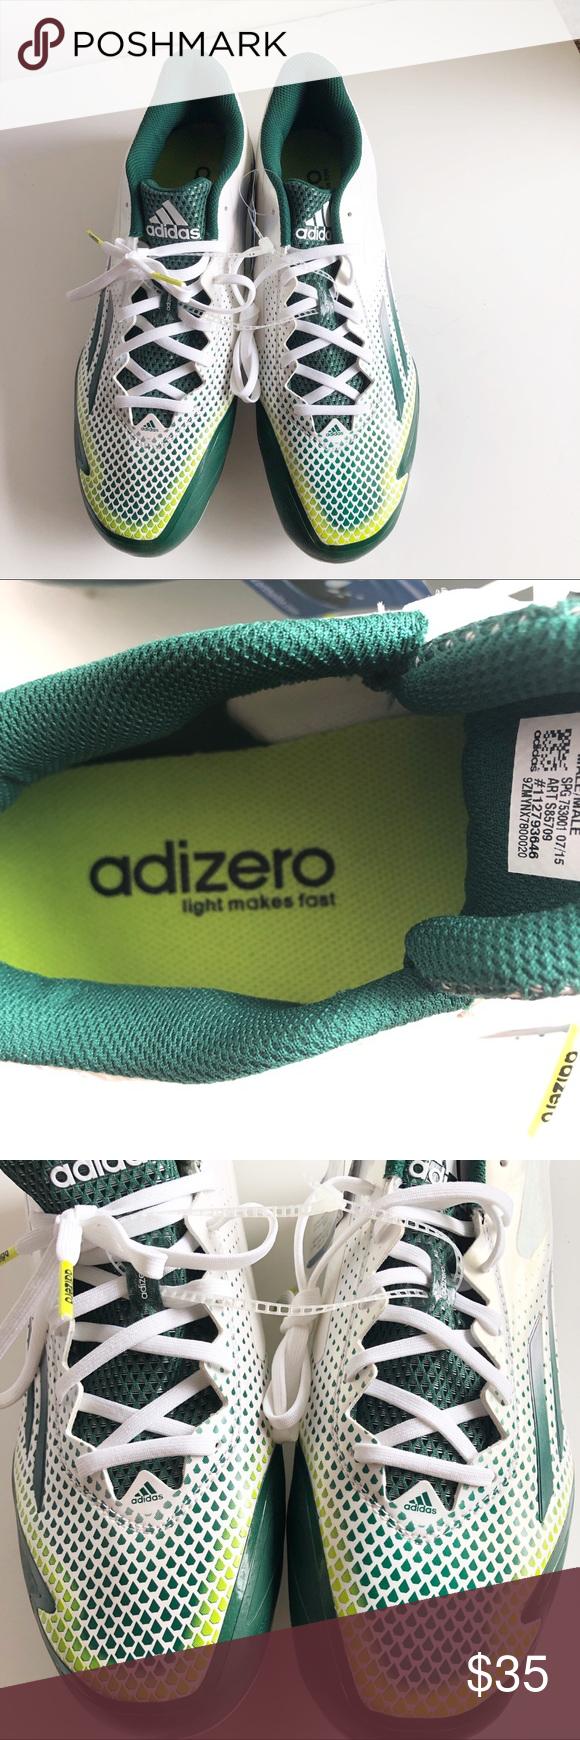 New Adidas Adizero Baseball Cleats Size Us 11 Baseball Cleats New Adidas Adidas